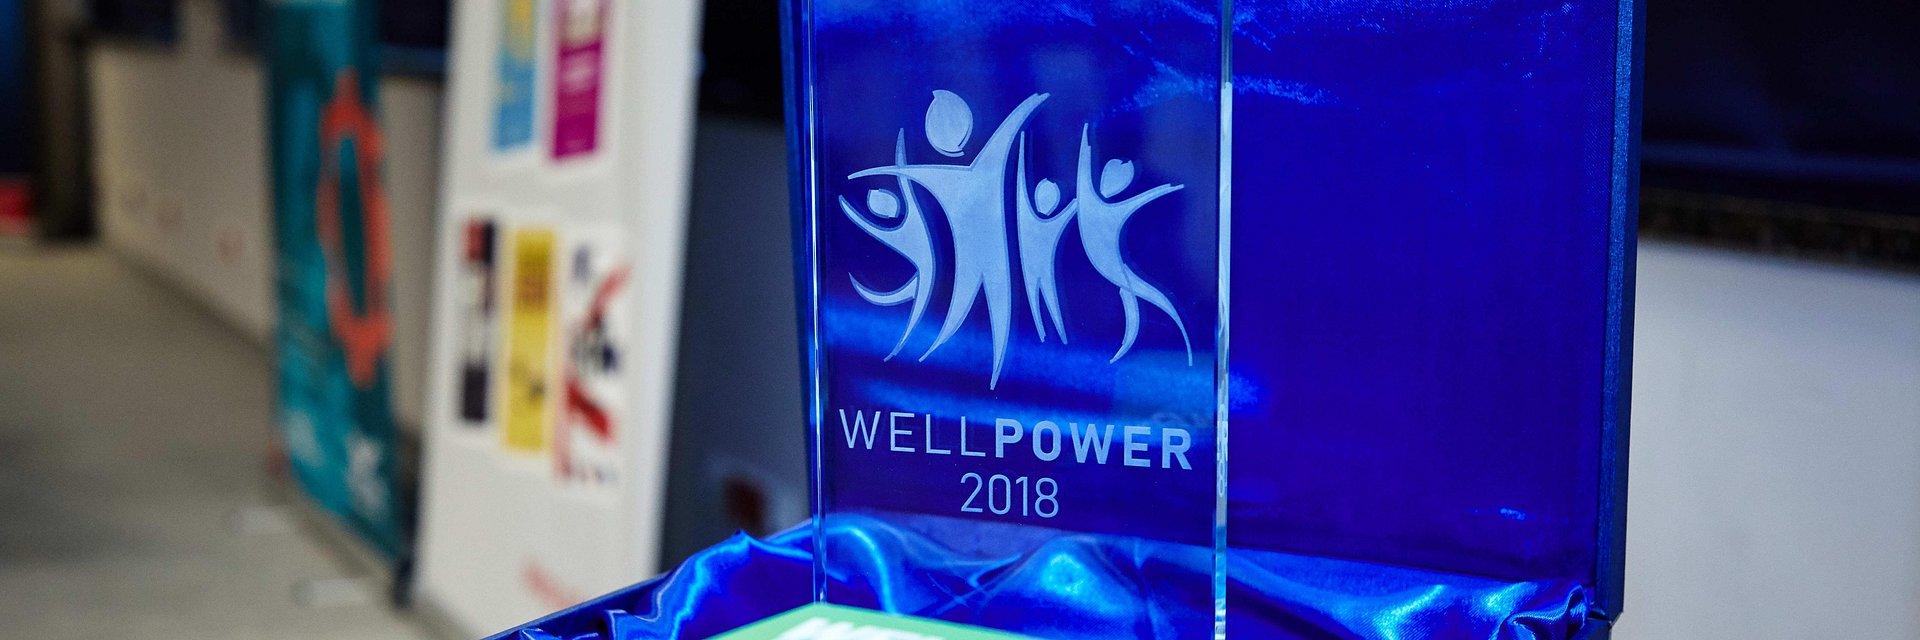 Medicover Polska zwycięzcą w konkursie WELLPOWER 2018